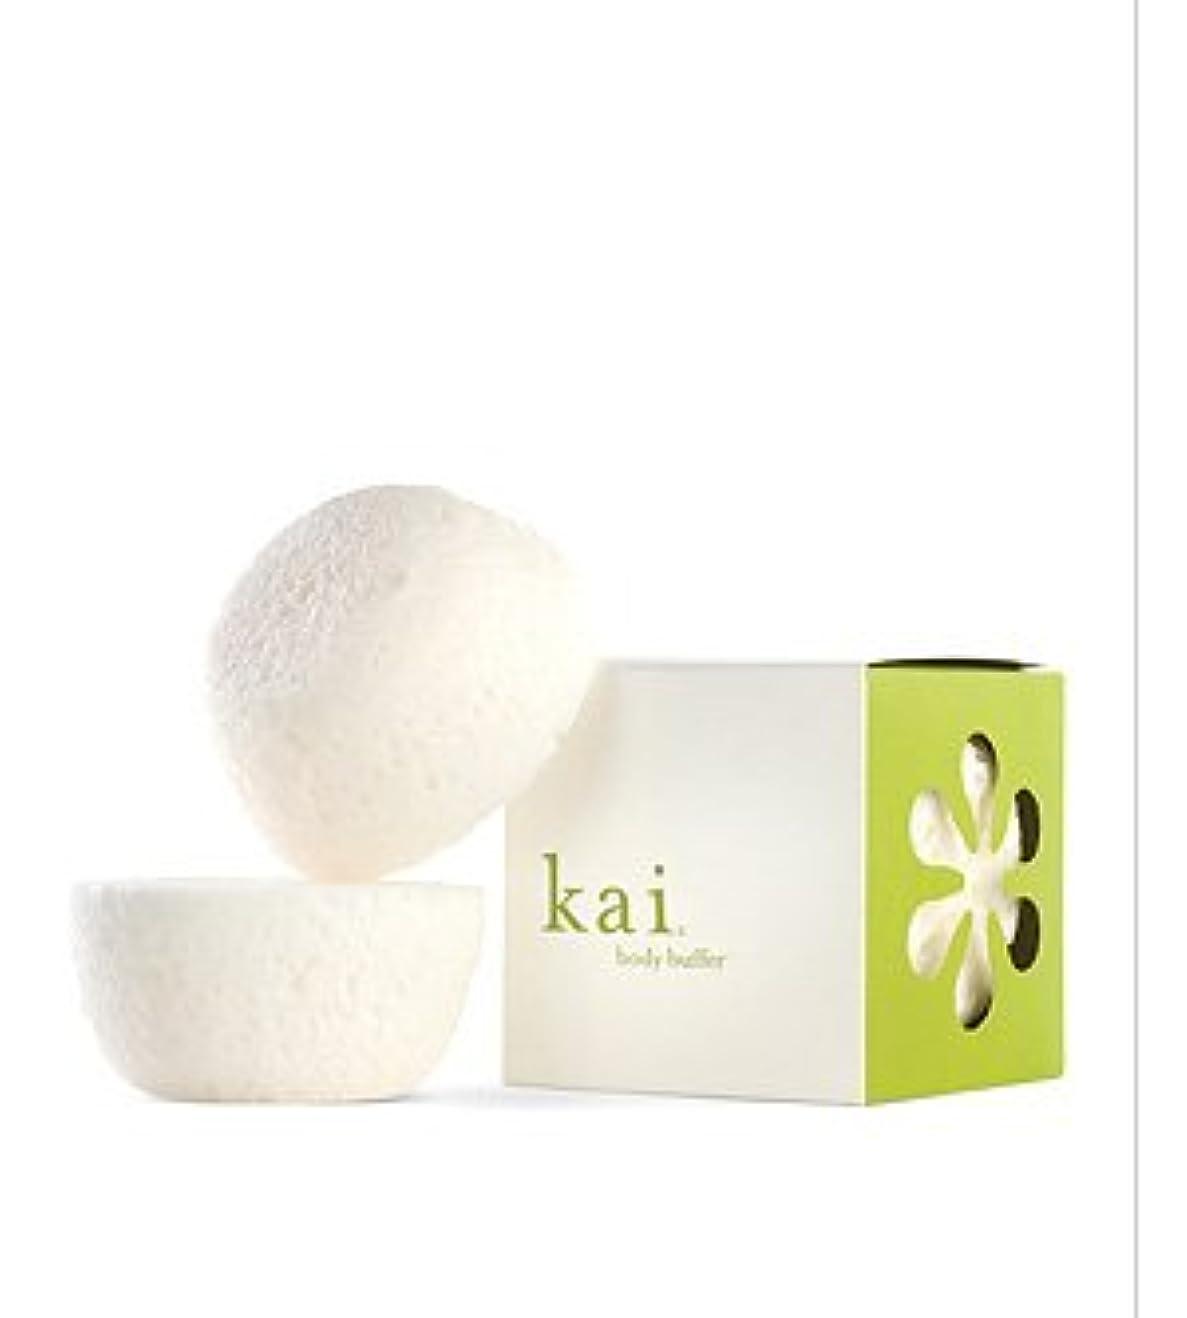 ヨーロッパ宇宙好きである〈海外直送品〉Kai Body Buffer (カイ ボディーバッファー) 2.75 oz (82.5ml) x 2 for Women